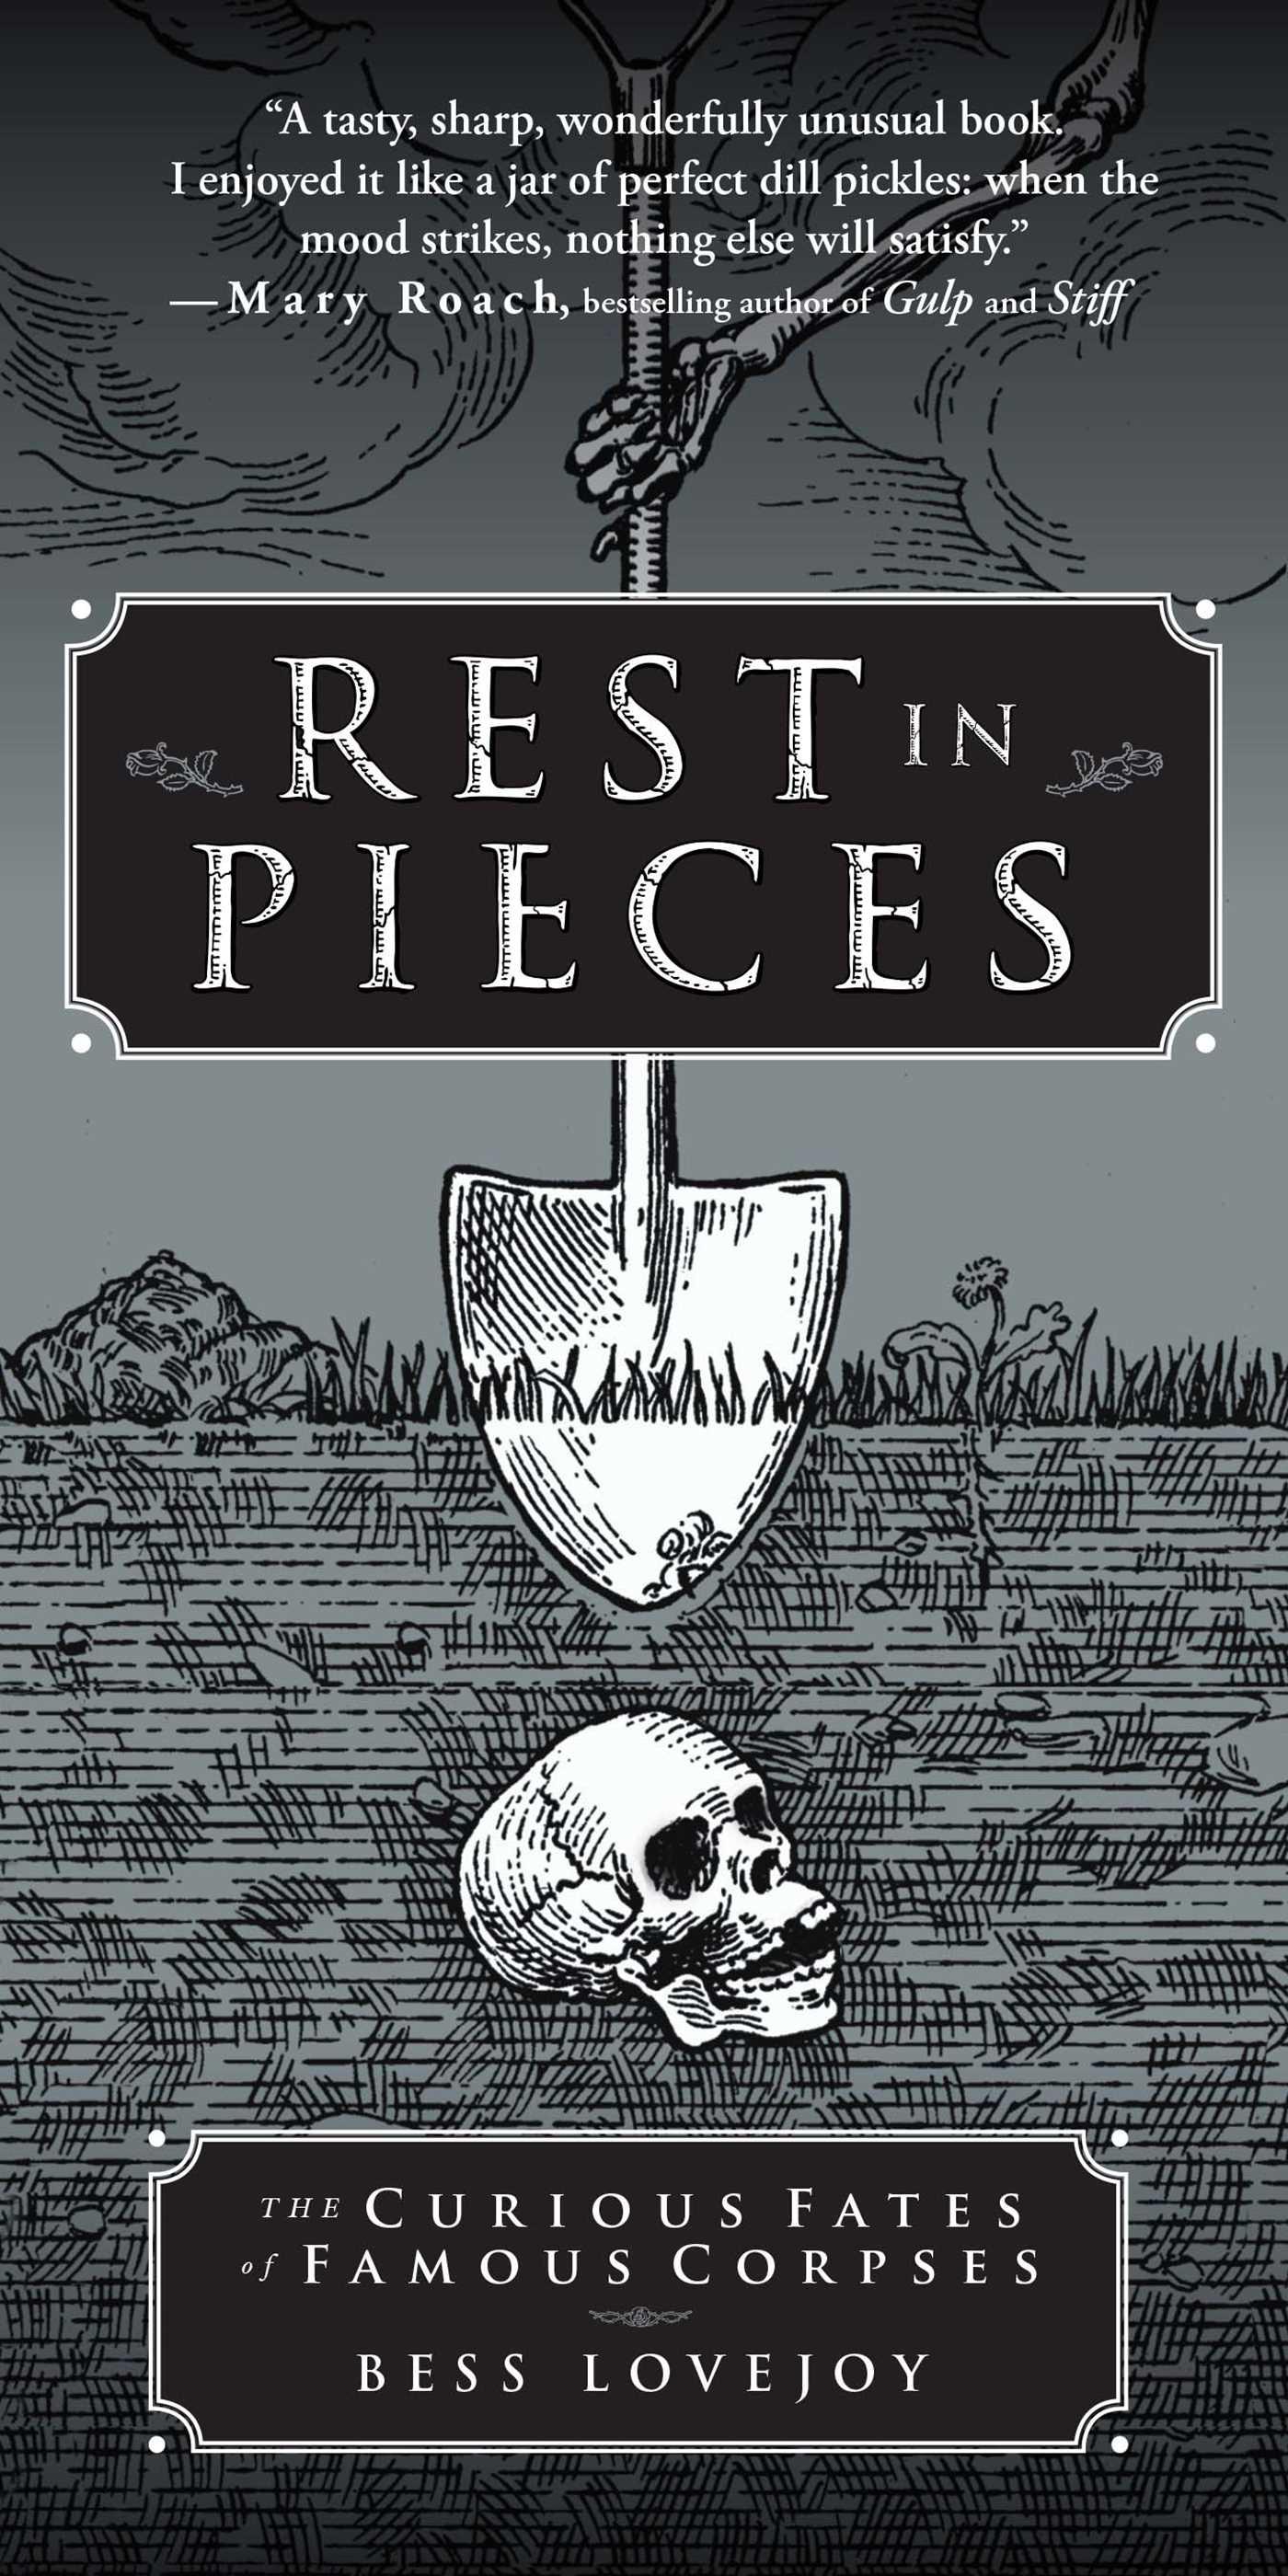 Rest in pieces 9781451655001 hr